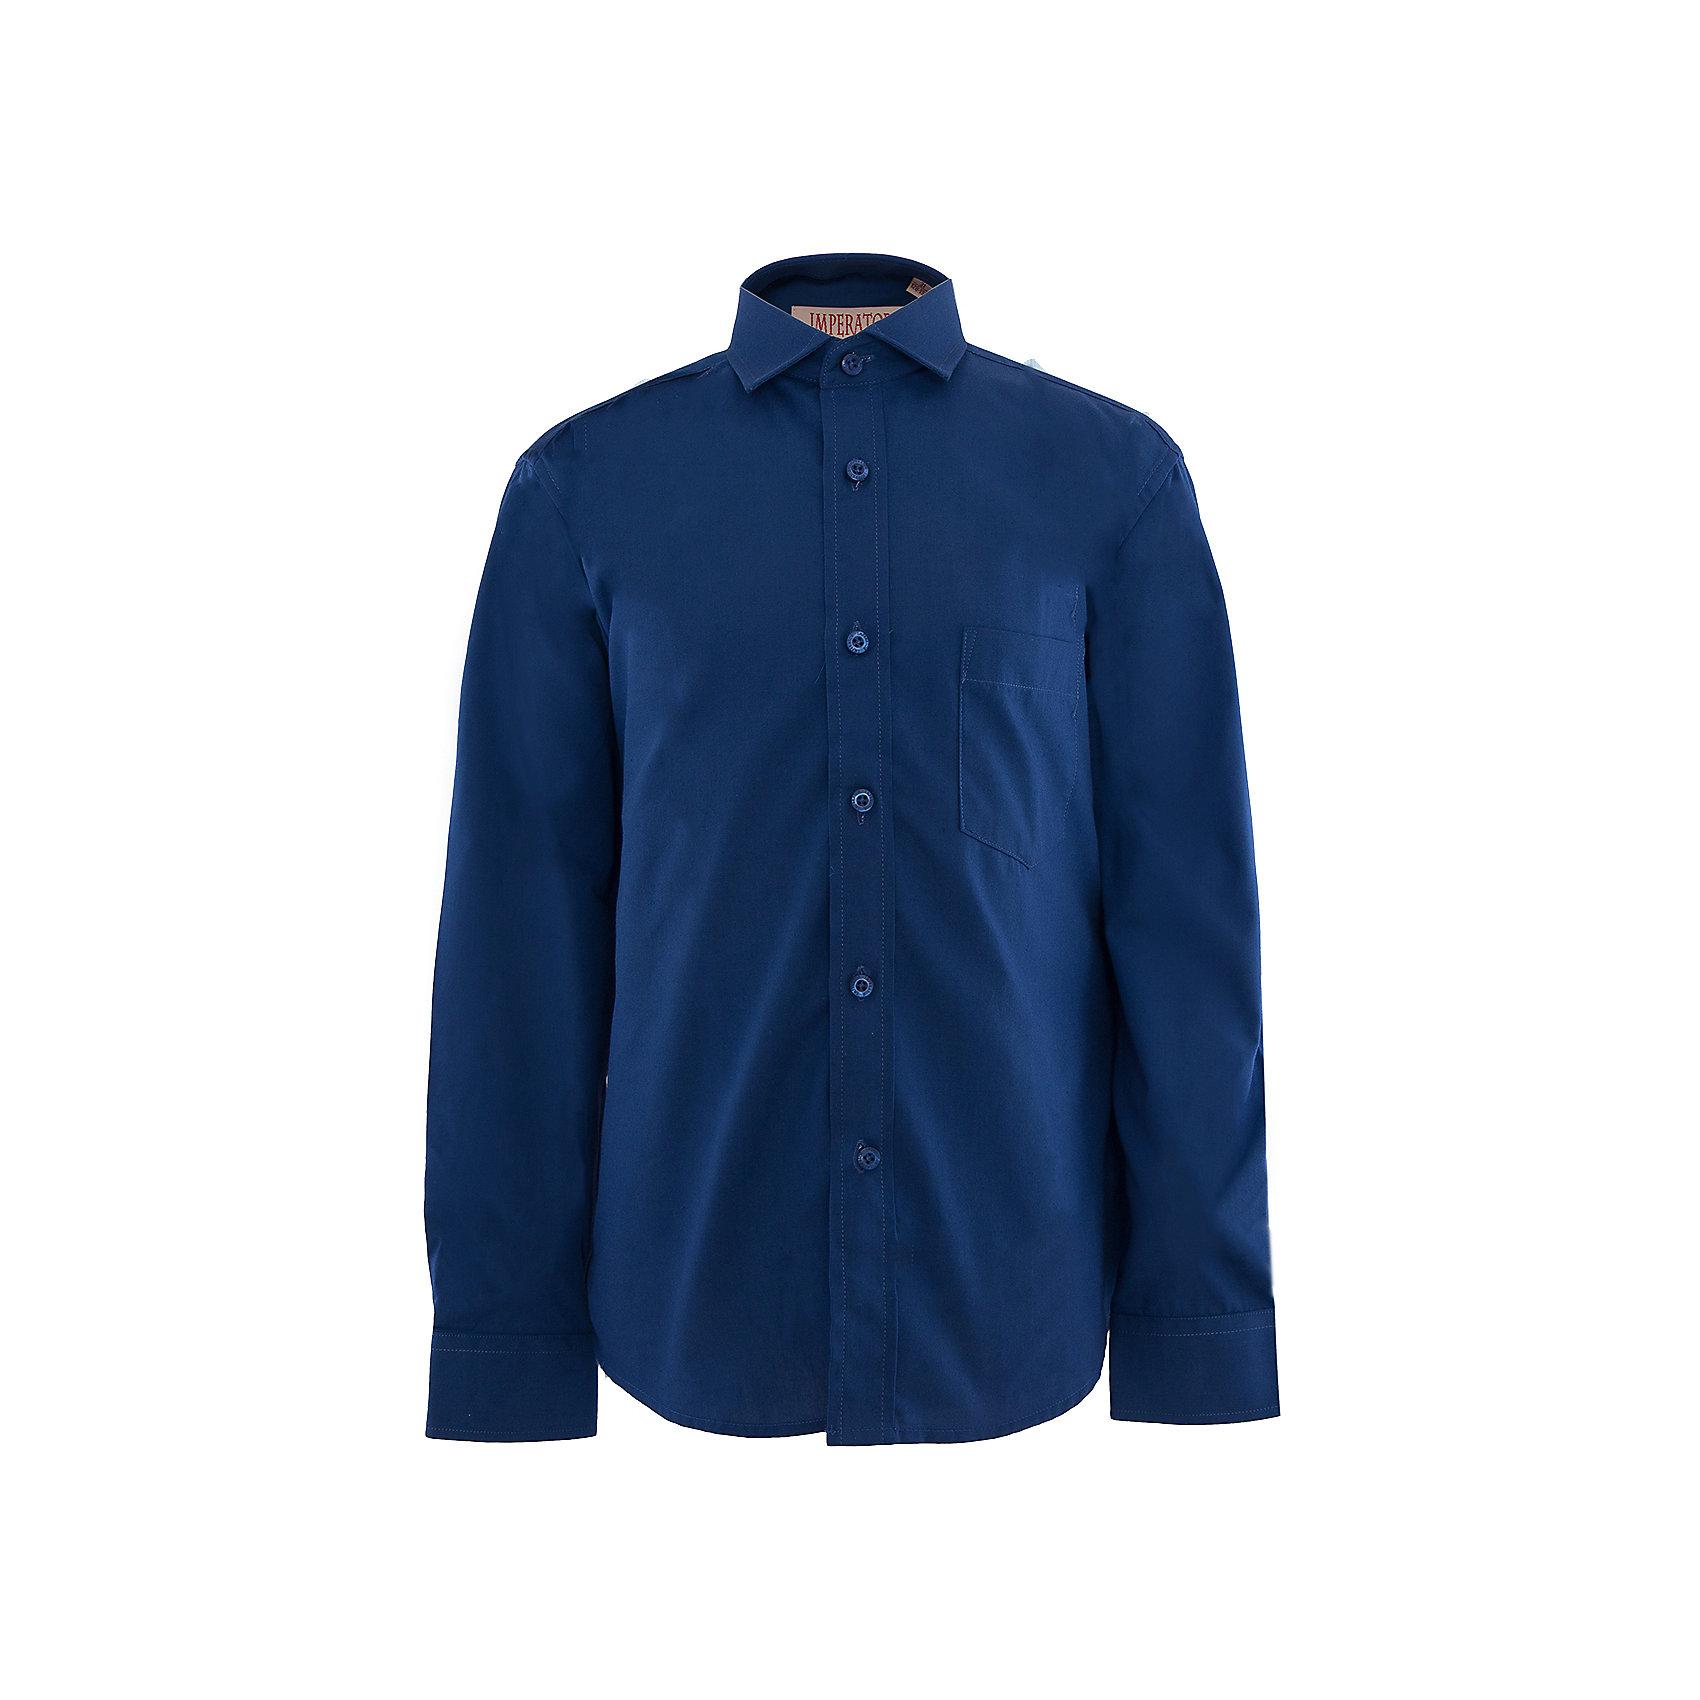 Рубашка для мальчика ImperatorКлассическая рубашка - неотьемлемая вещь в гардеробе. Модель на пуговицах, с отложным воротником. Свободный покрой не стеснит движений и позволит чувствовать себя комфортно каждый день.  Состав 55 % хл. 45% П/Э<br><br>Ширина мм: 174<br>Глубина мм: 10<br>Высота мм: 169<br>Вес г: 157<br>Цвет: синий<br>Возраст от месяцев: 84<br>Возраст до месяцев: 96<br>Пол: Мужской<br>Возраст: Детский<br>Размер: 122/128,164/170,152/158,128/134,134/140,140/146,146/152,158/164<br>SKU: 4749491